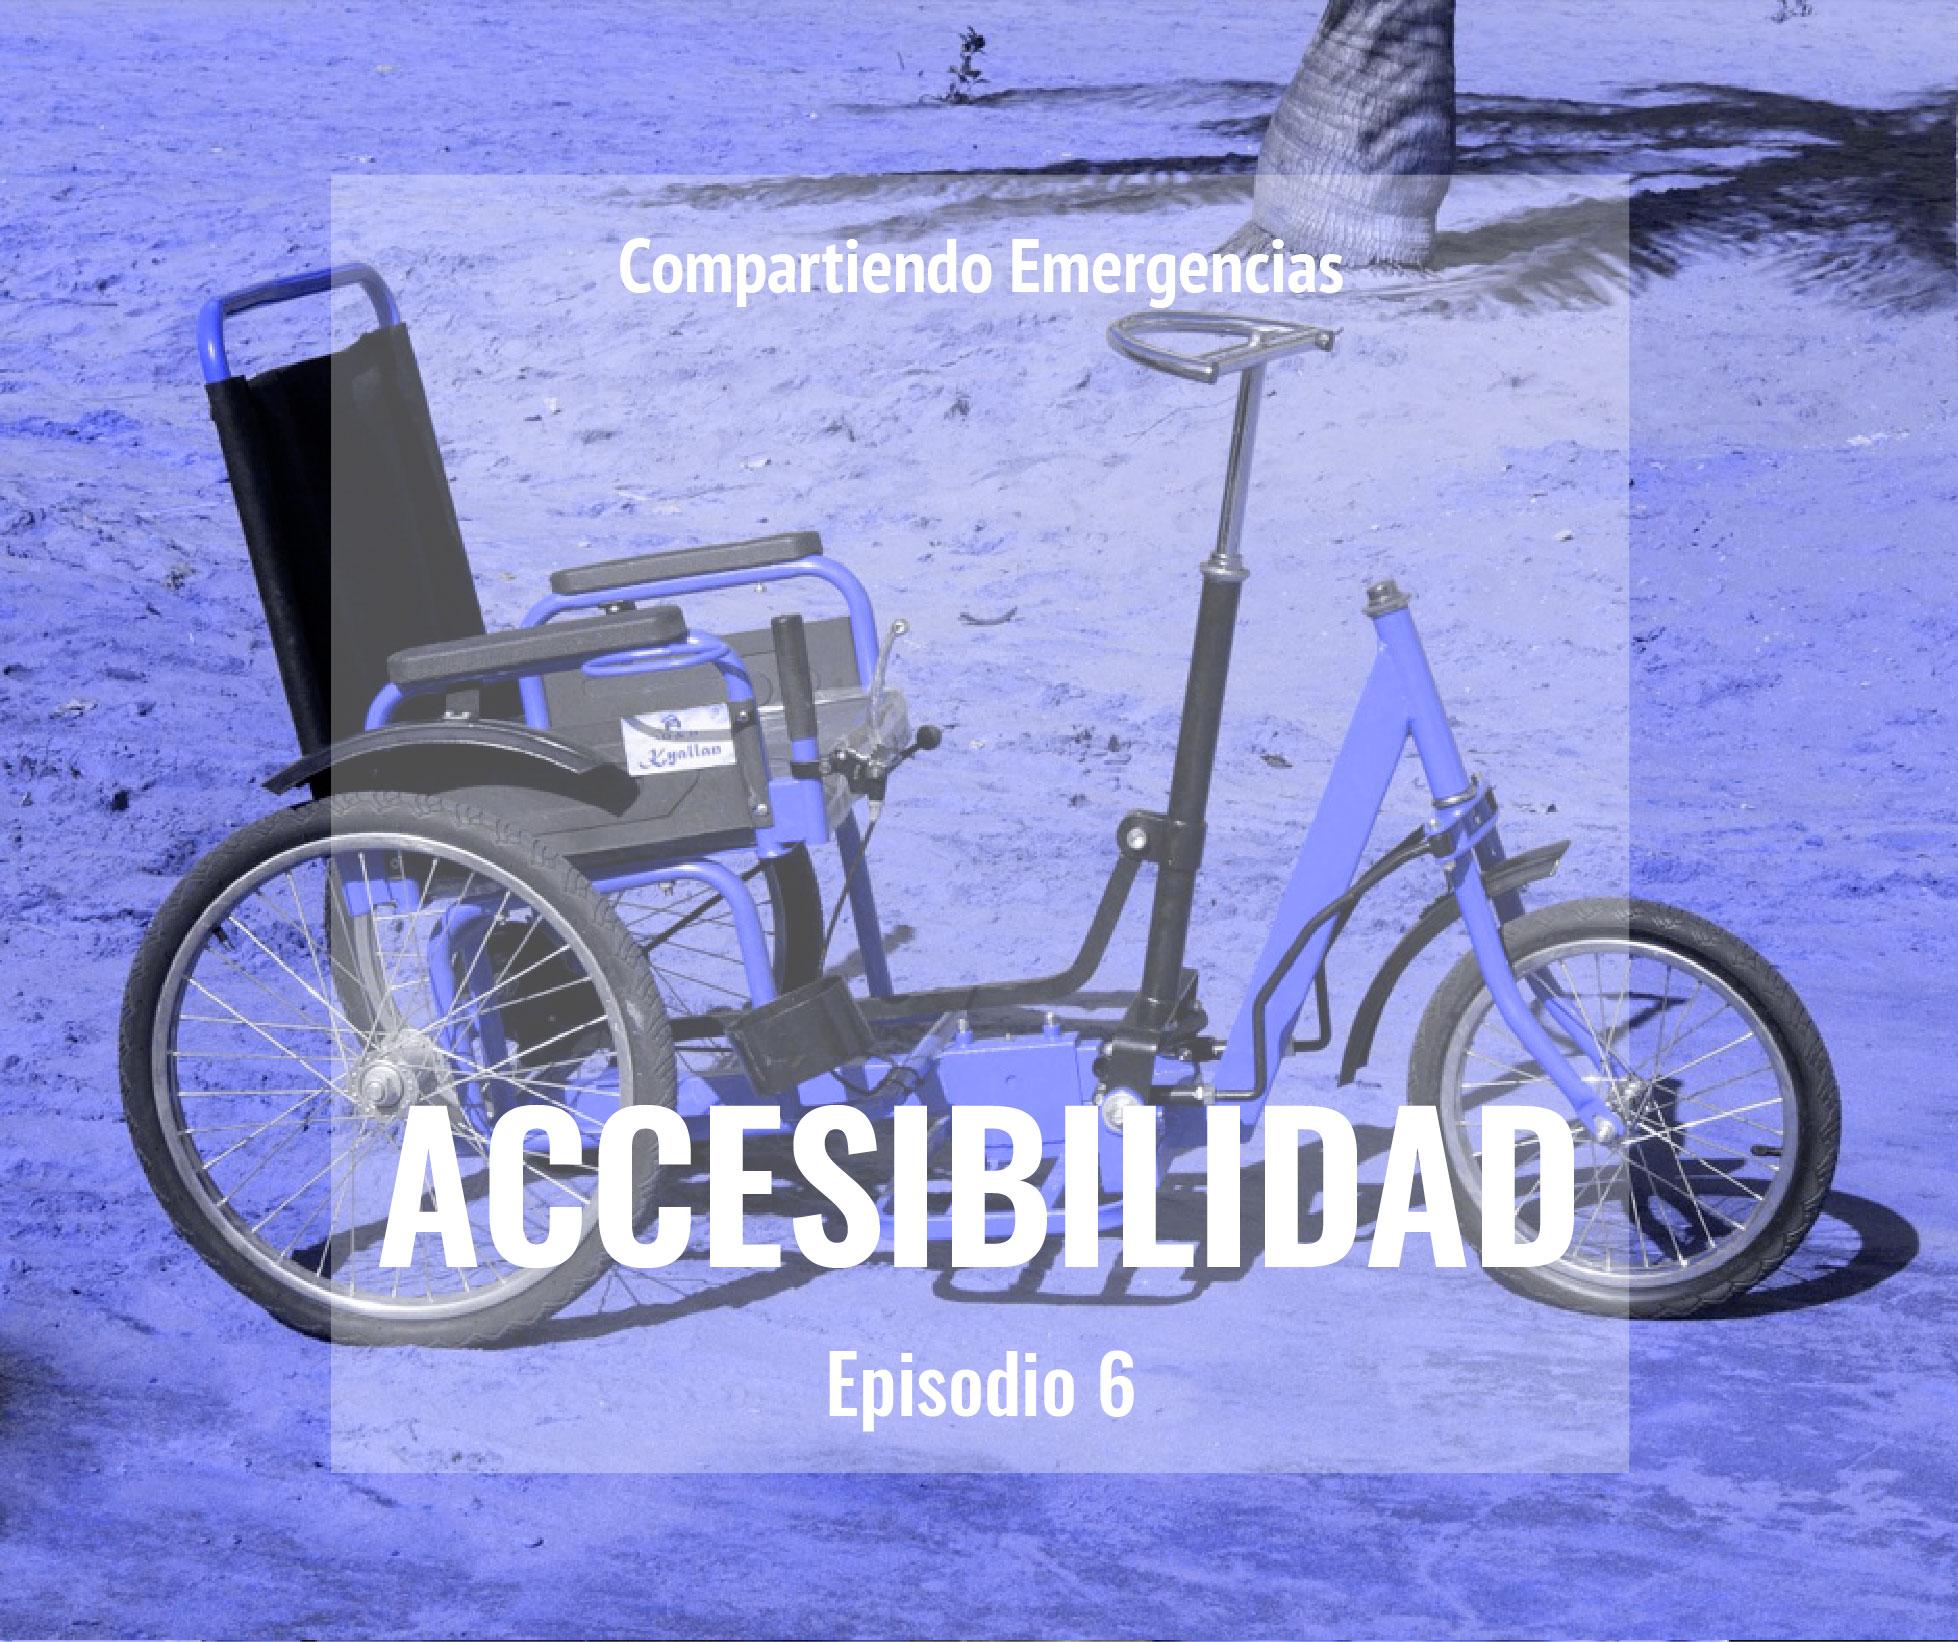 Accesibilidad Universal Y Covid-19